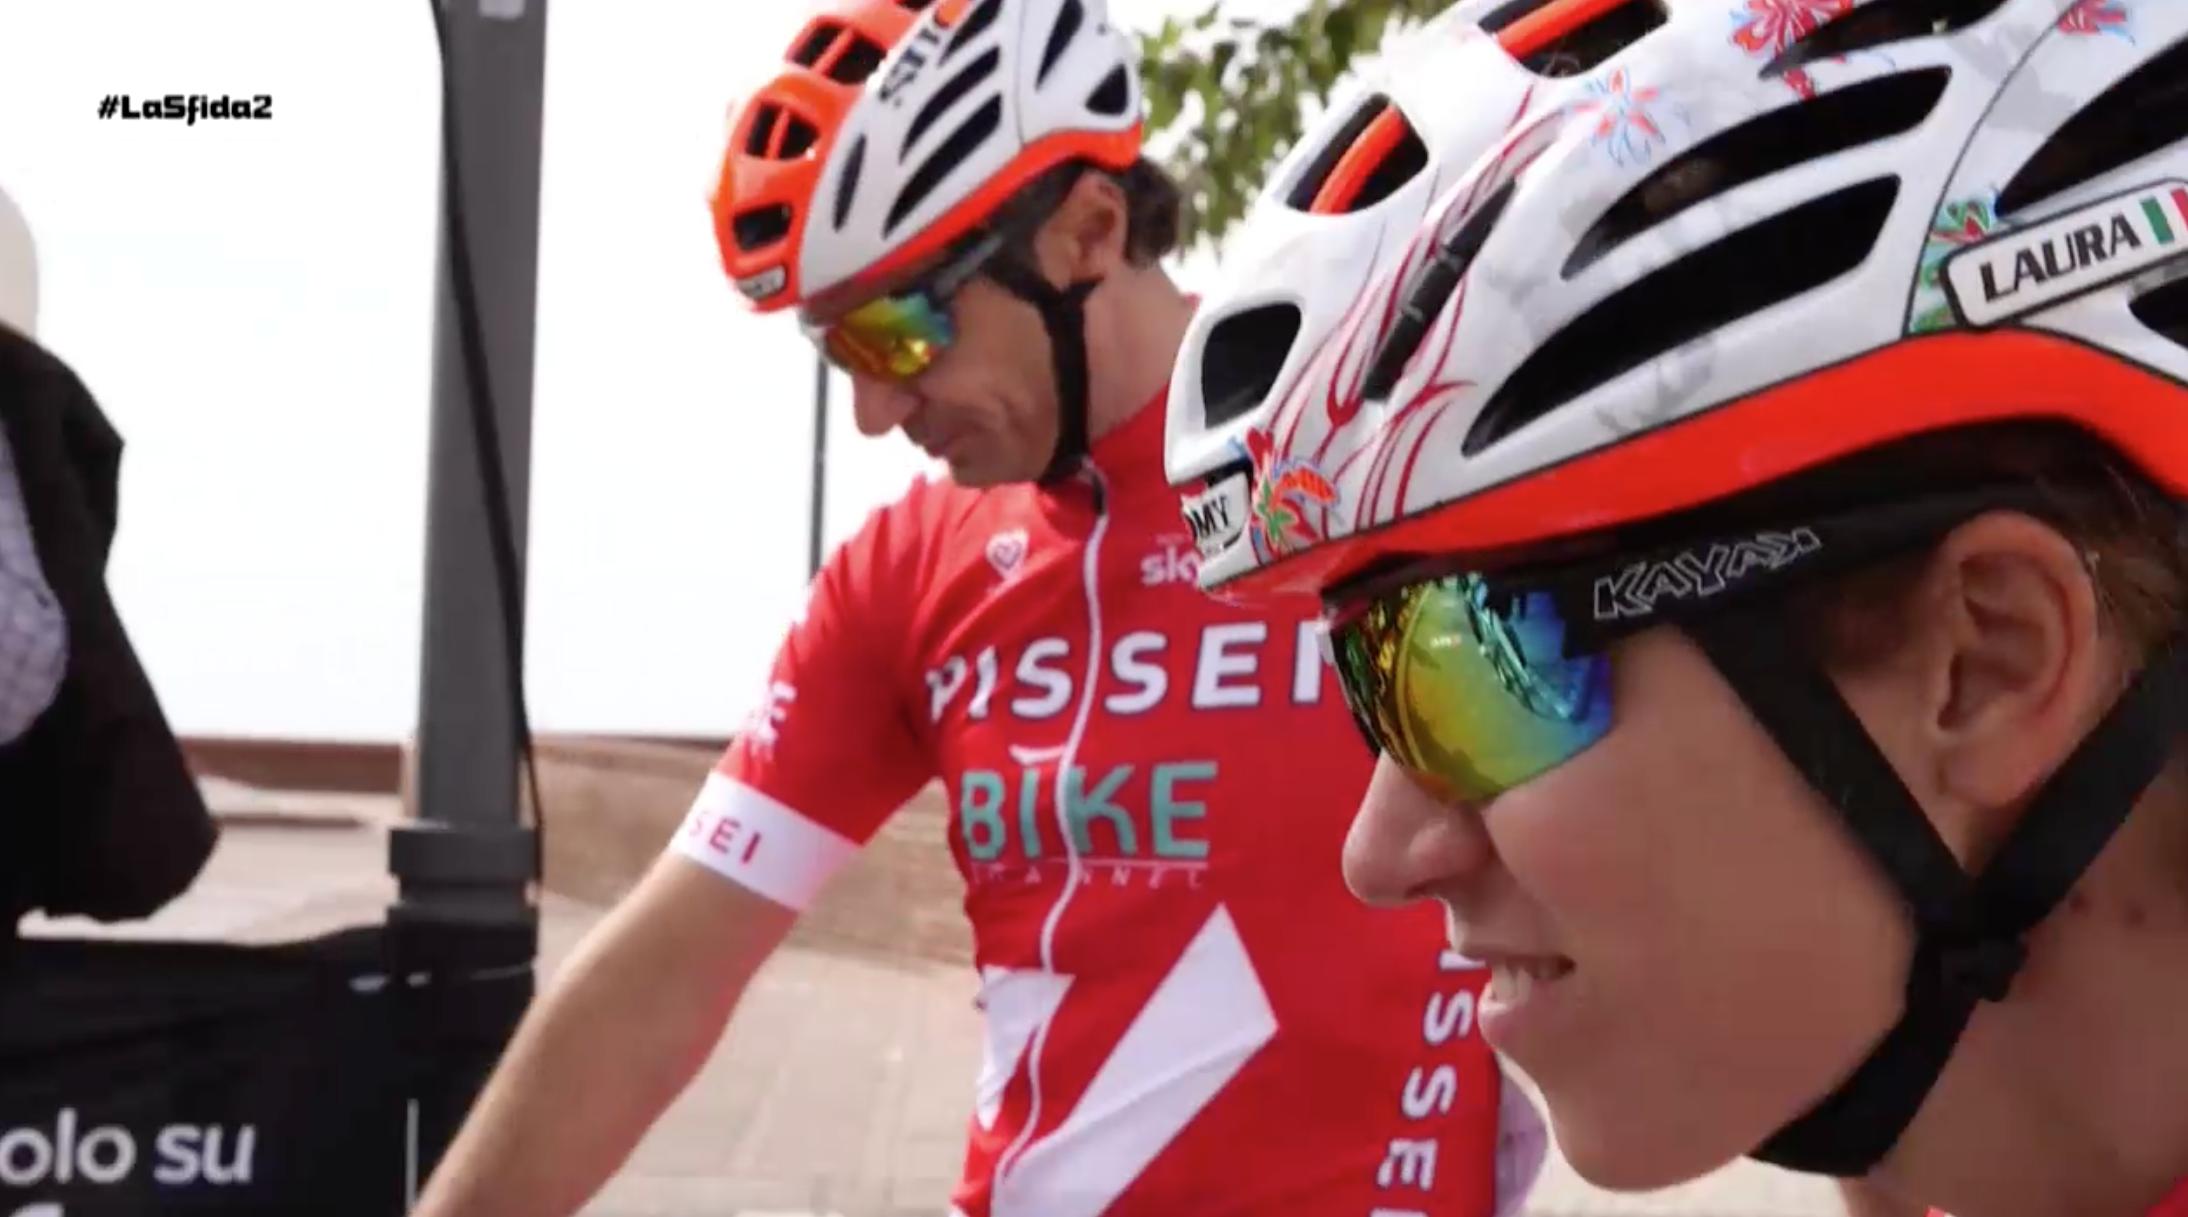 Occhiali Kayak protagonisti de La Sfida, il reality sul ciclismo di Bike Channel